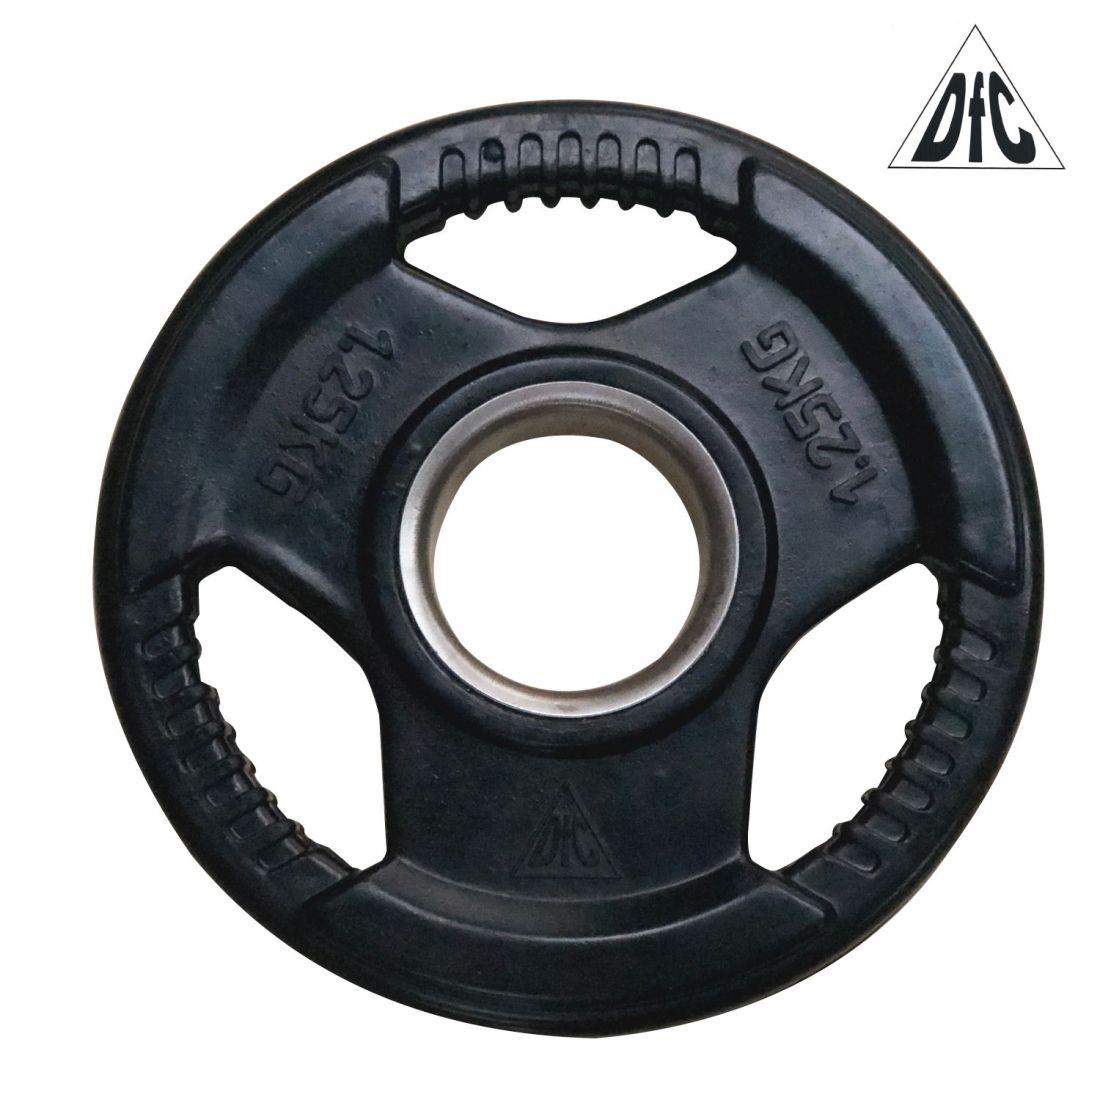 Диск обрезиненный DFC, чёрный, 51 мм, 1,25кг